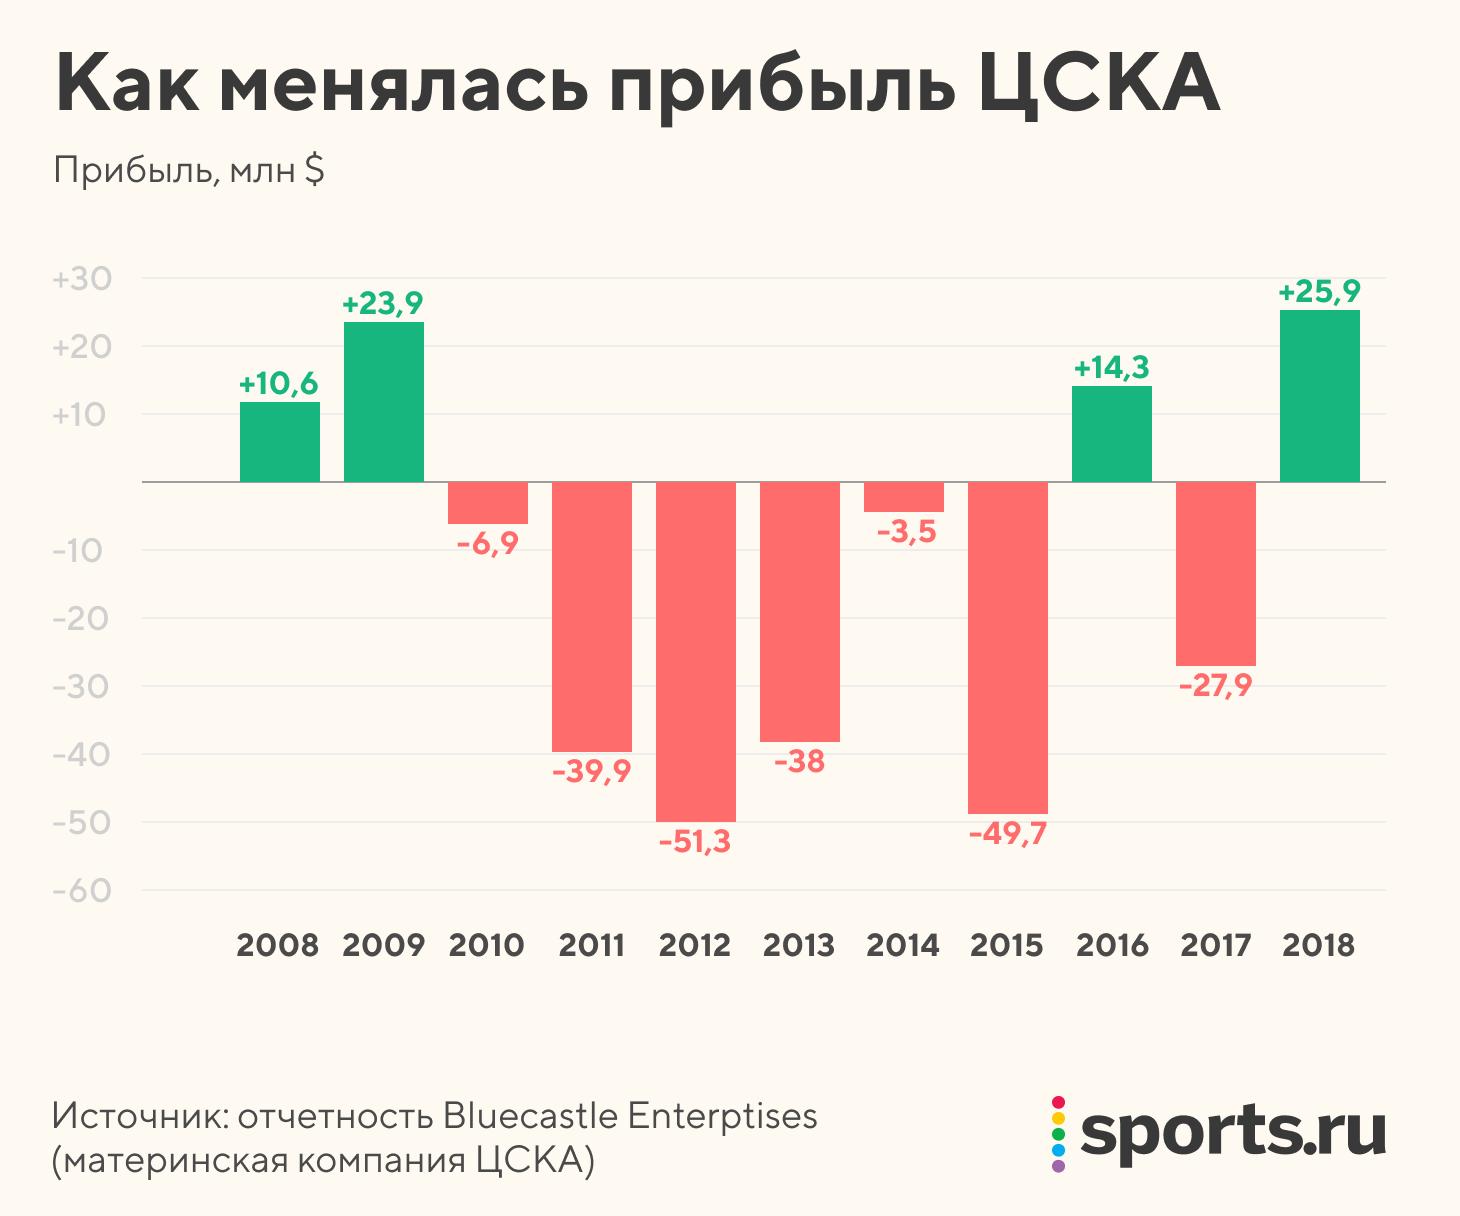 Экономика стадиона ЦСКА – от рынков 90-х до башни, которая не помогла Гинеру закрыть кредит